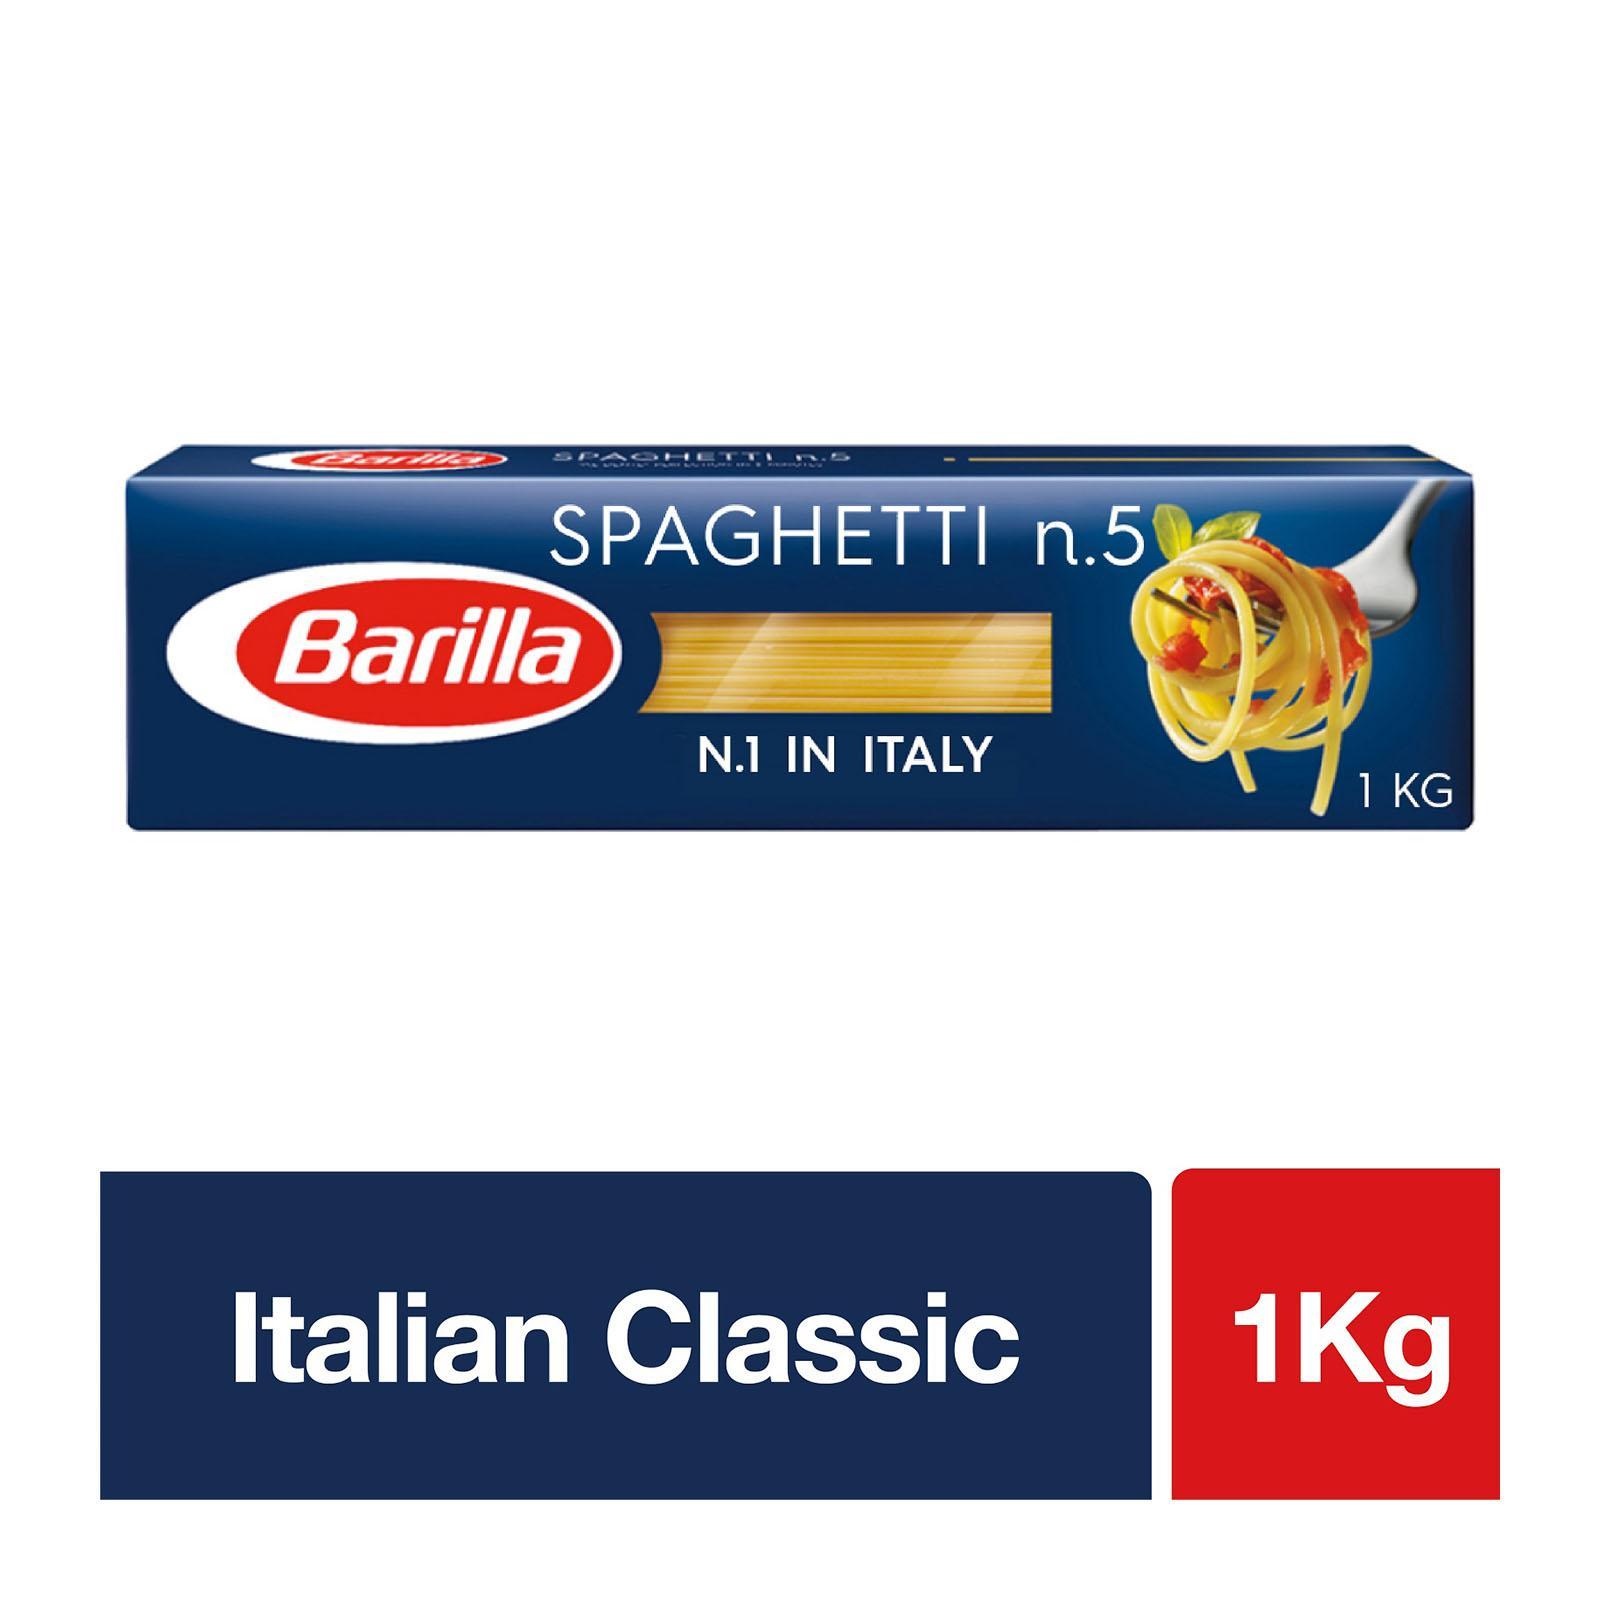 BARILLA Spaghetti Intergrali No.5 500g